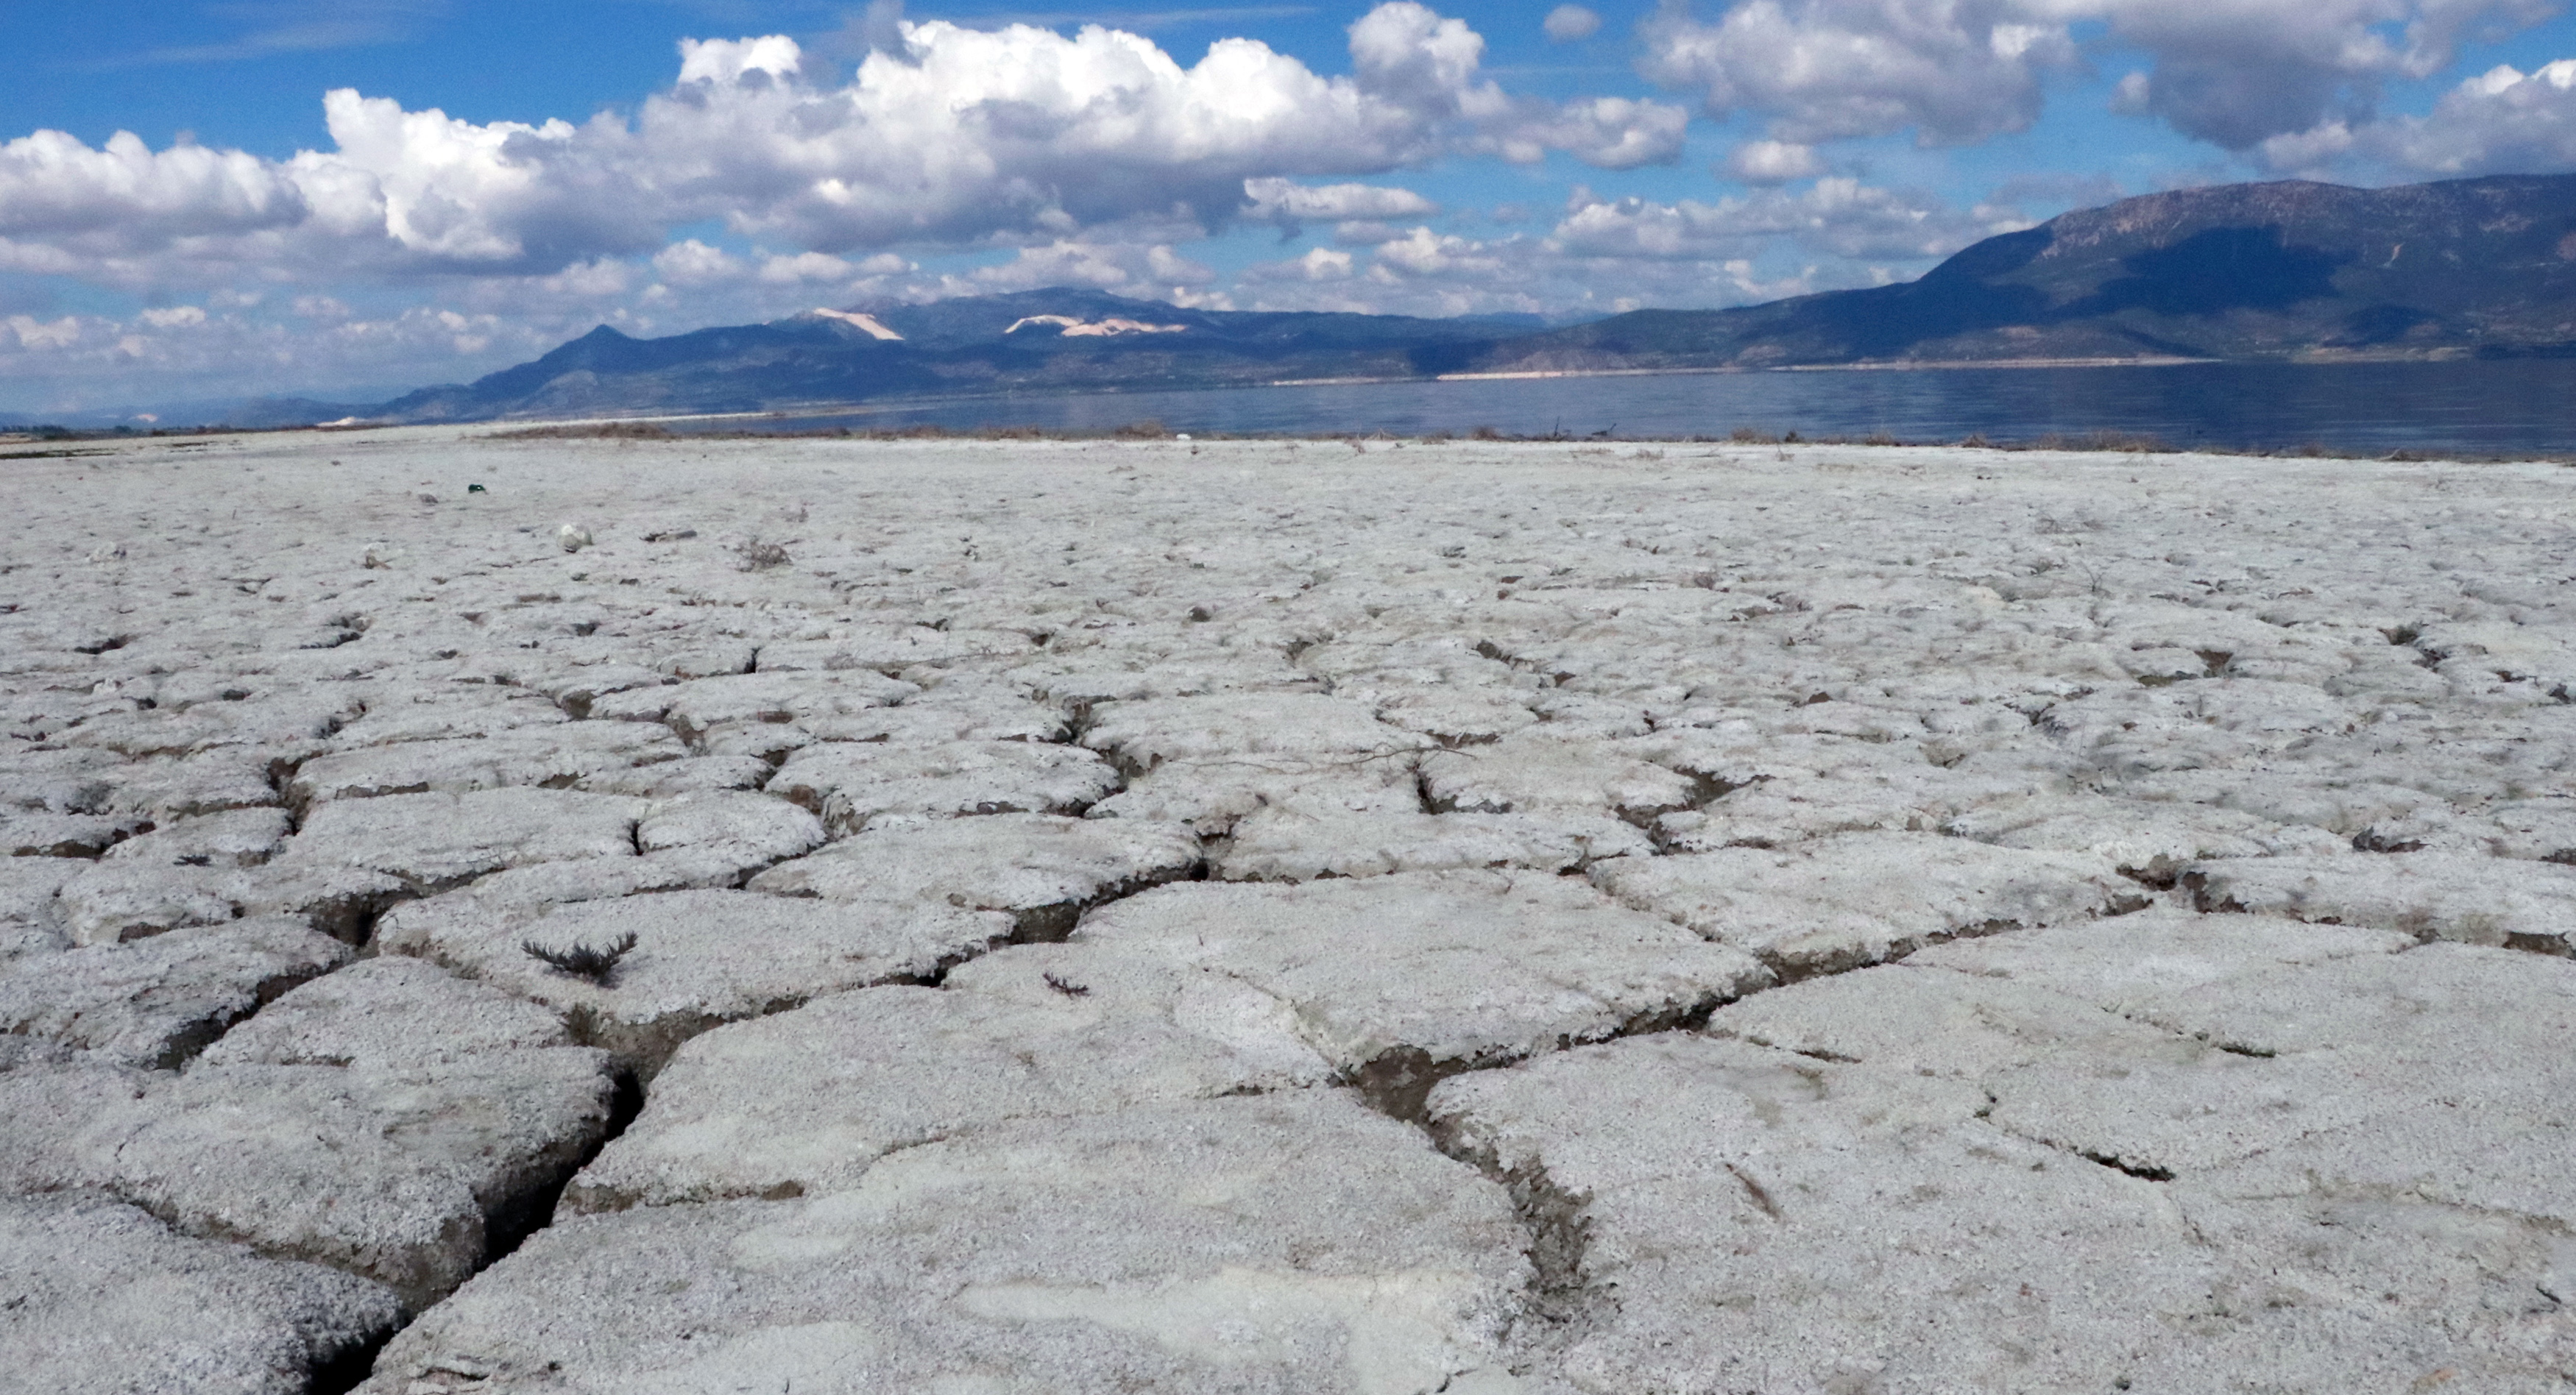 Kuruyan Burdur Gölü'nün kenarına 'ölüyorum' yazdı